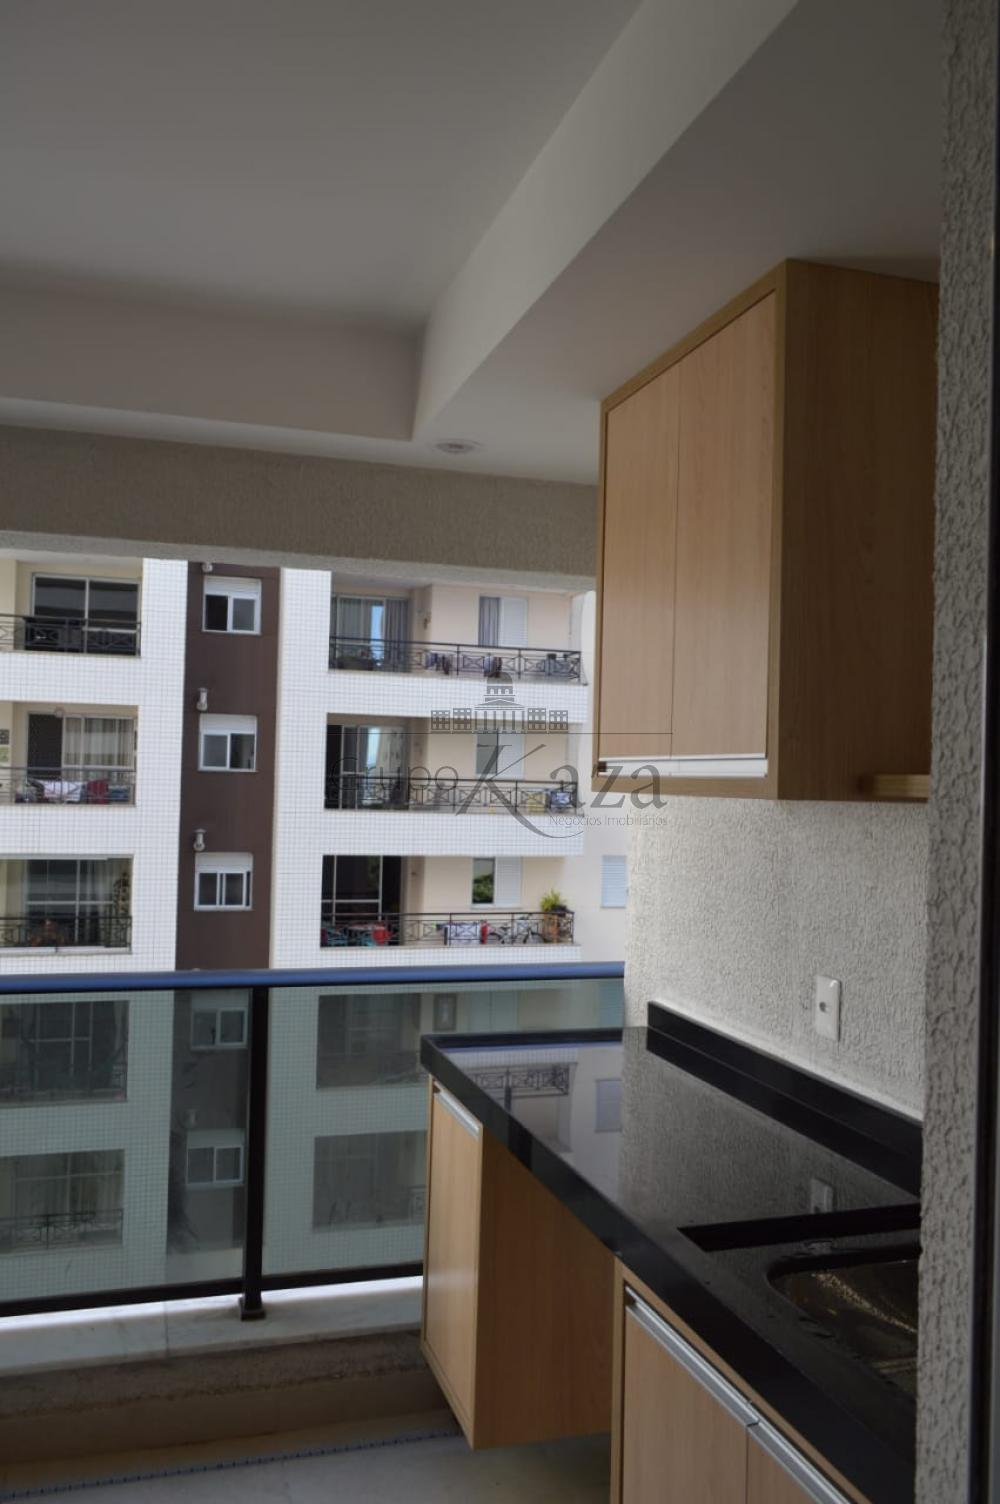 Alugar Apartamento / Flat em São José dos Campos apenas R$ 2.300,00 - Foto 19